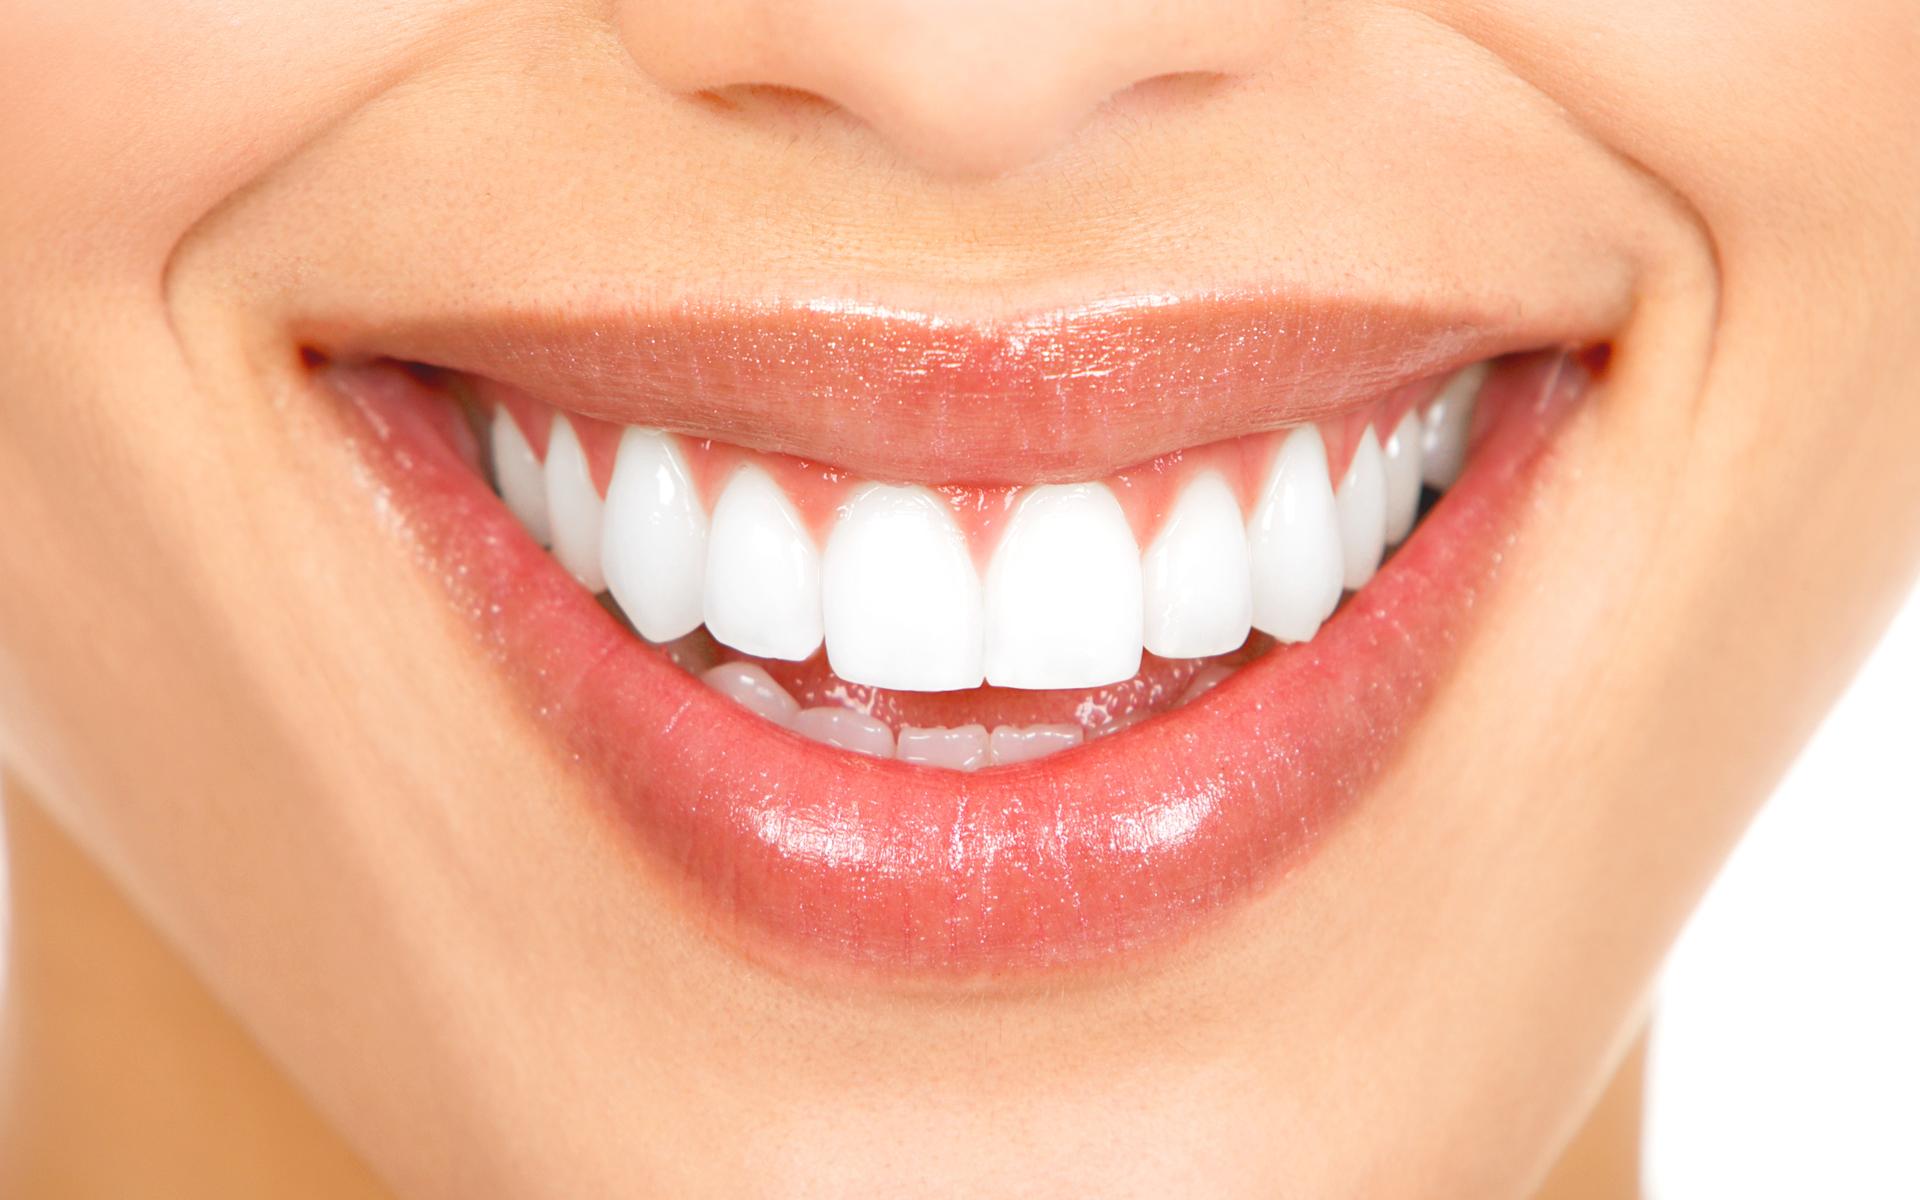 compositebonding Aesthetic Dental Zone